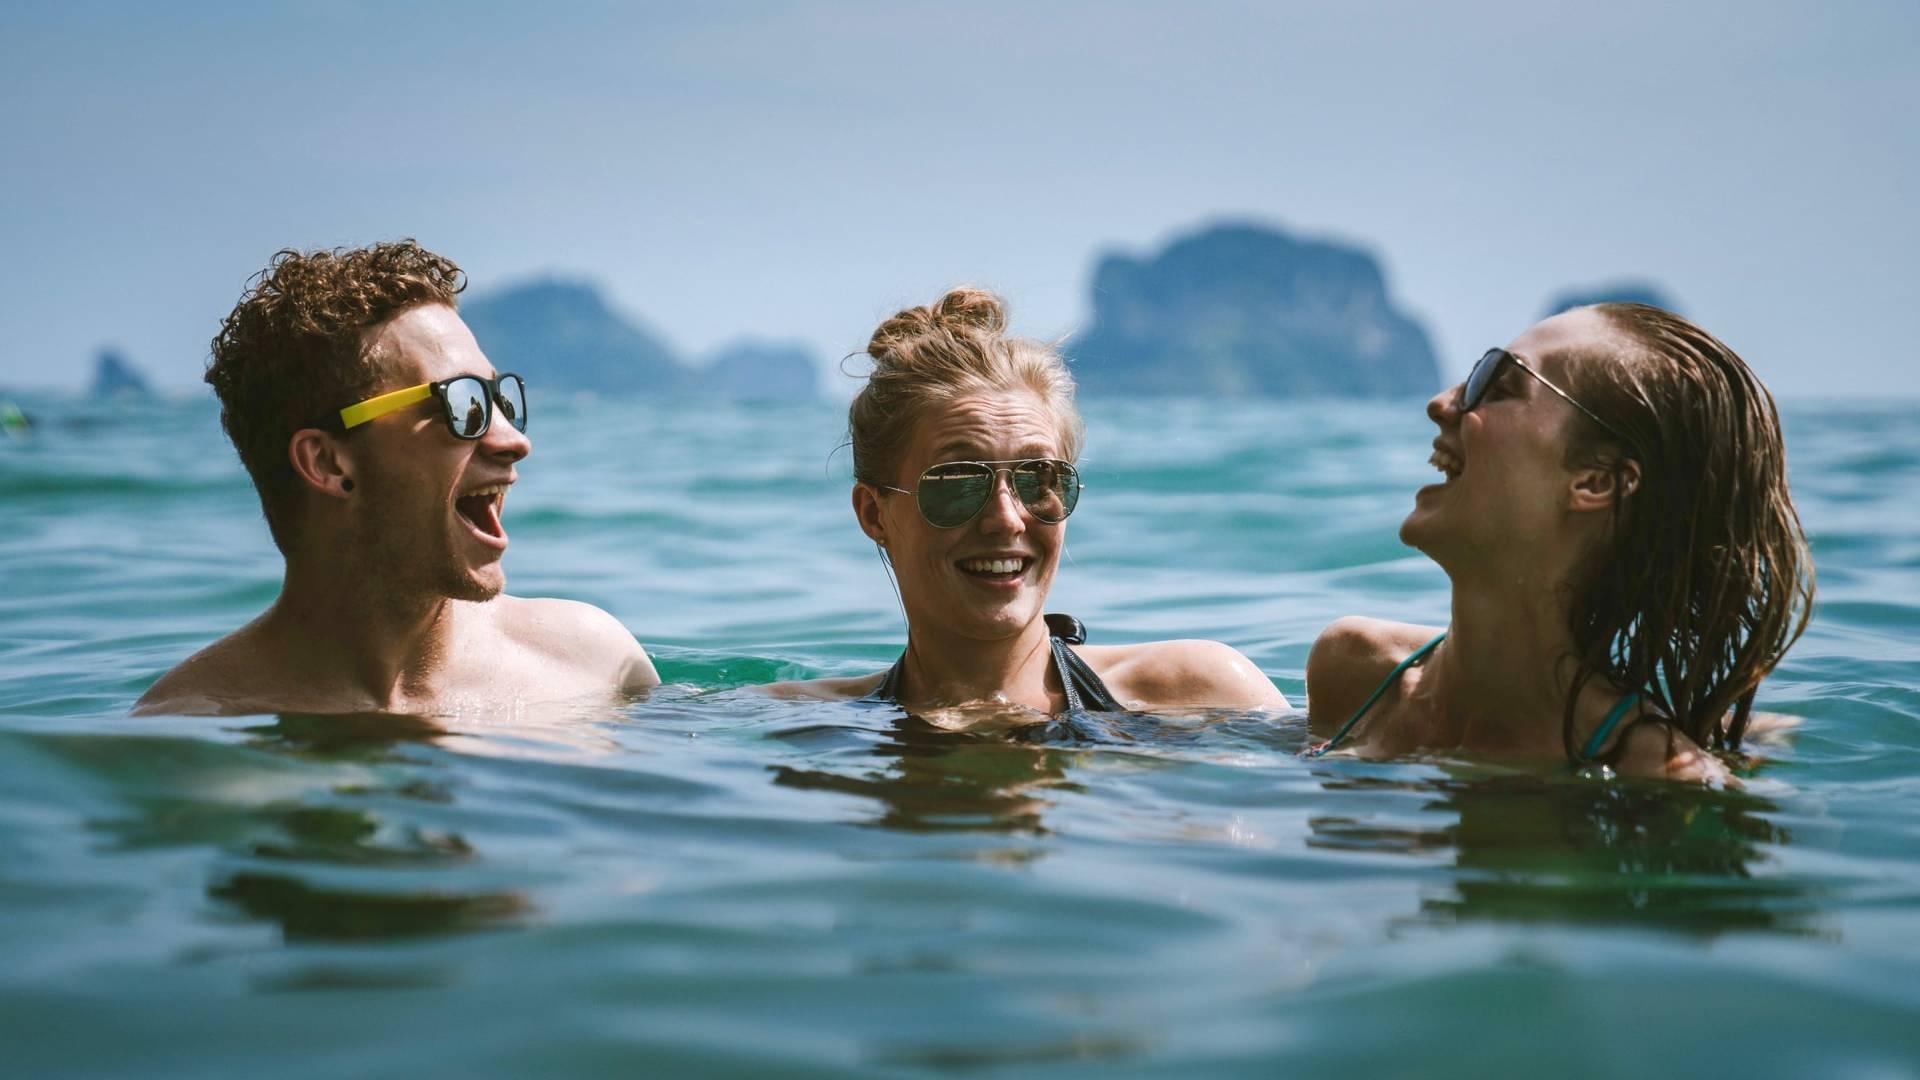 két nő egy férfi a vízben